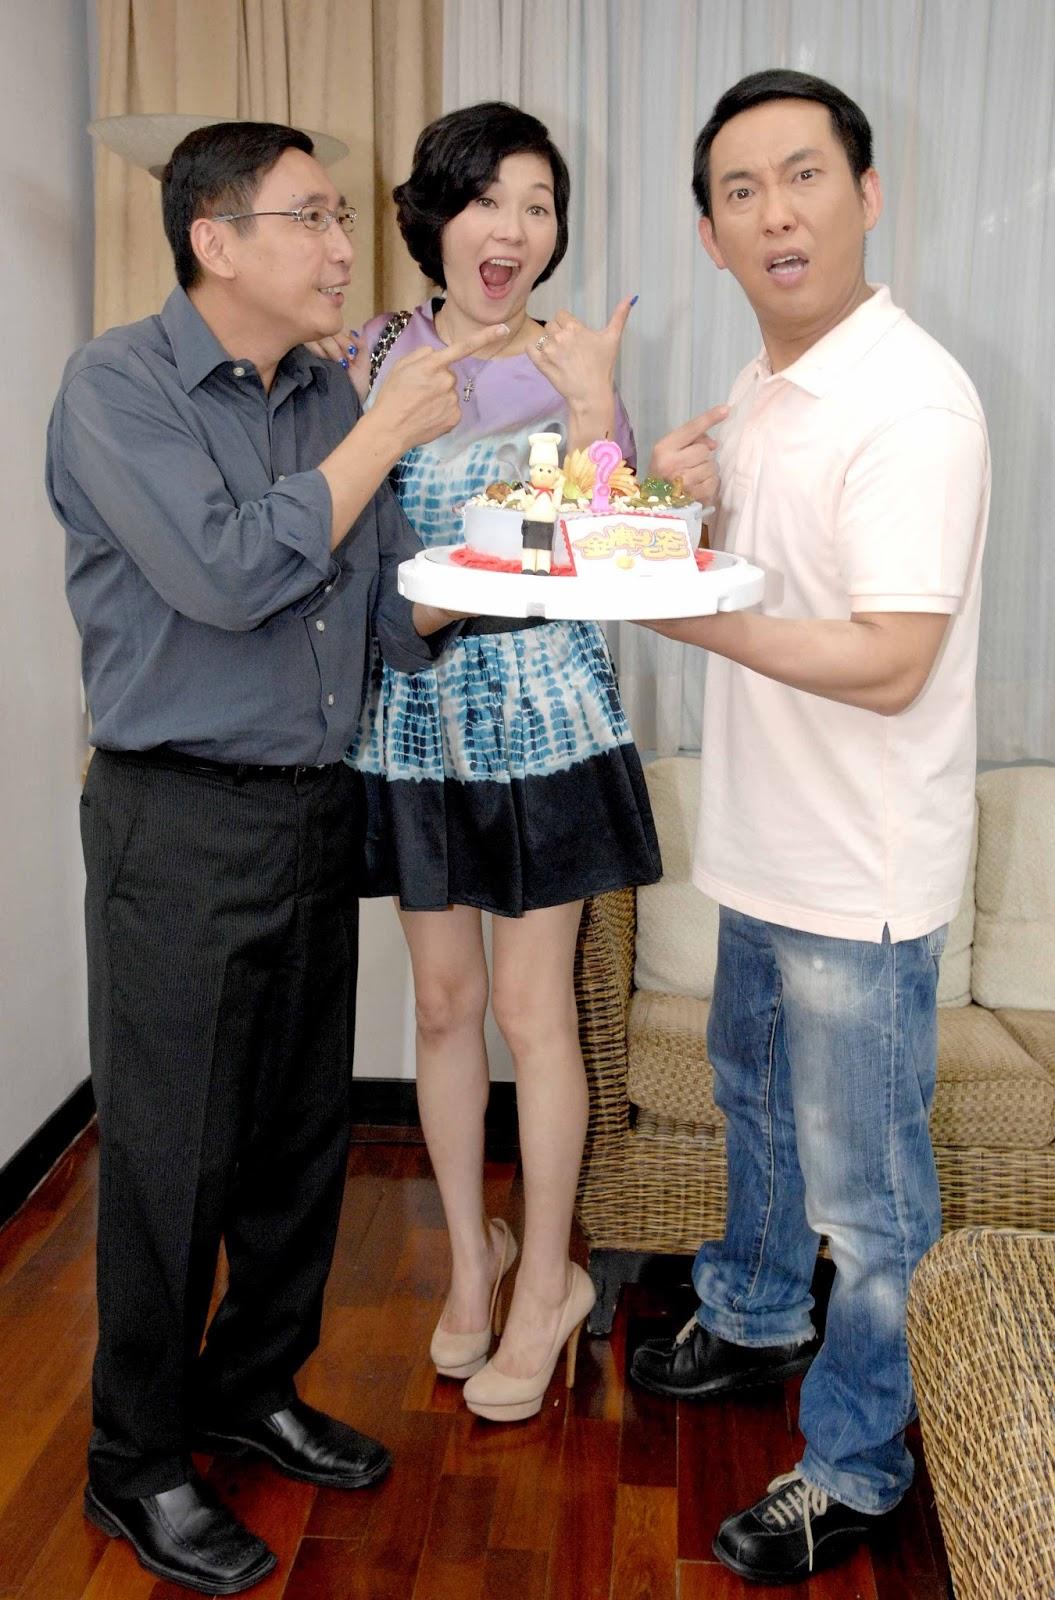 屈中恆與老婆首次同臺演戲 「前輩」身分教導Vicky - WoWoNews